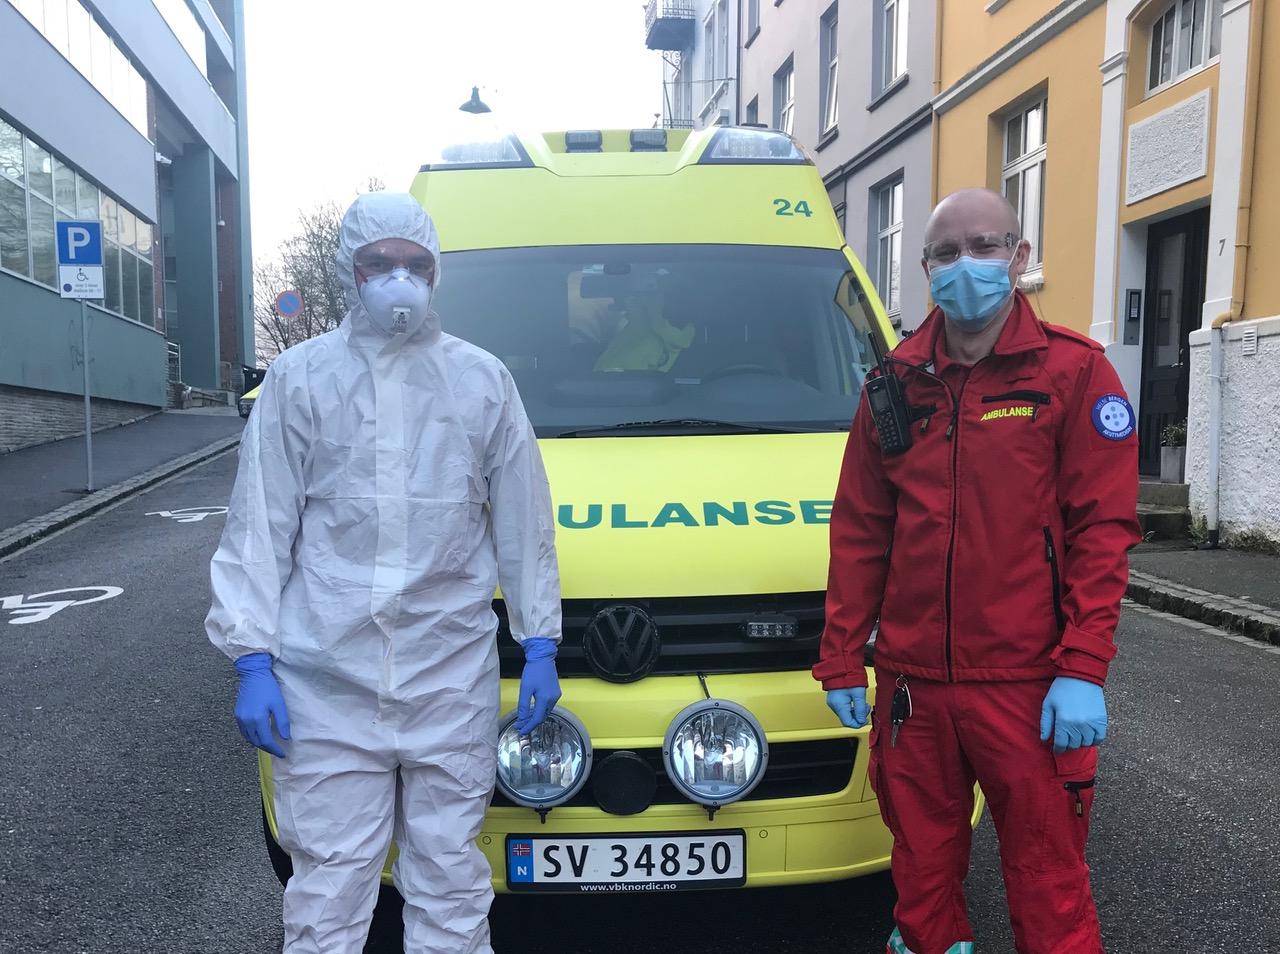 Kristoffer Rørvik (t.h.) er kledd for en aerosoldannende prosedyre (med åndedrettsvern) og Thomas Østvik er kledd som sjåfør som kan unngå kontakt med pasienten. Foto: Helse Bergen